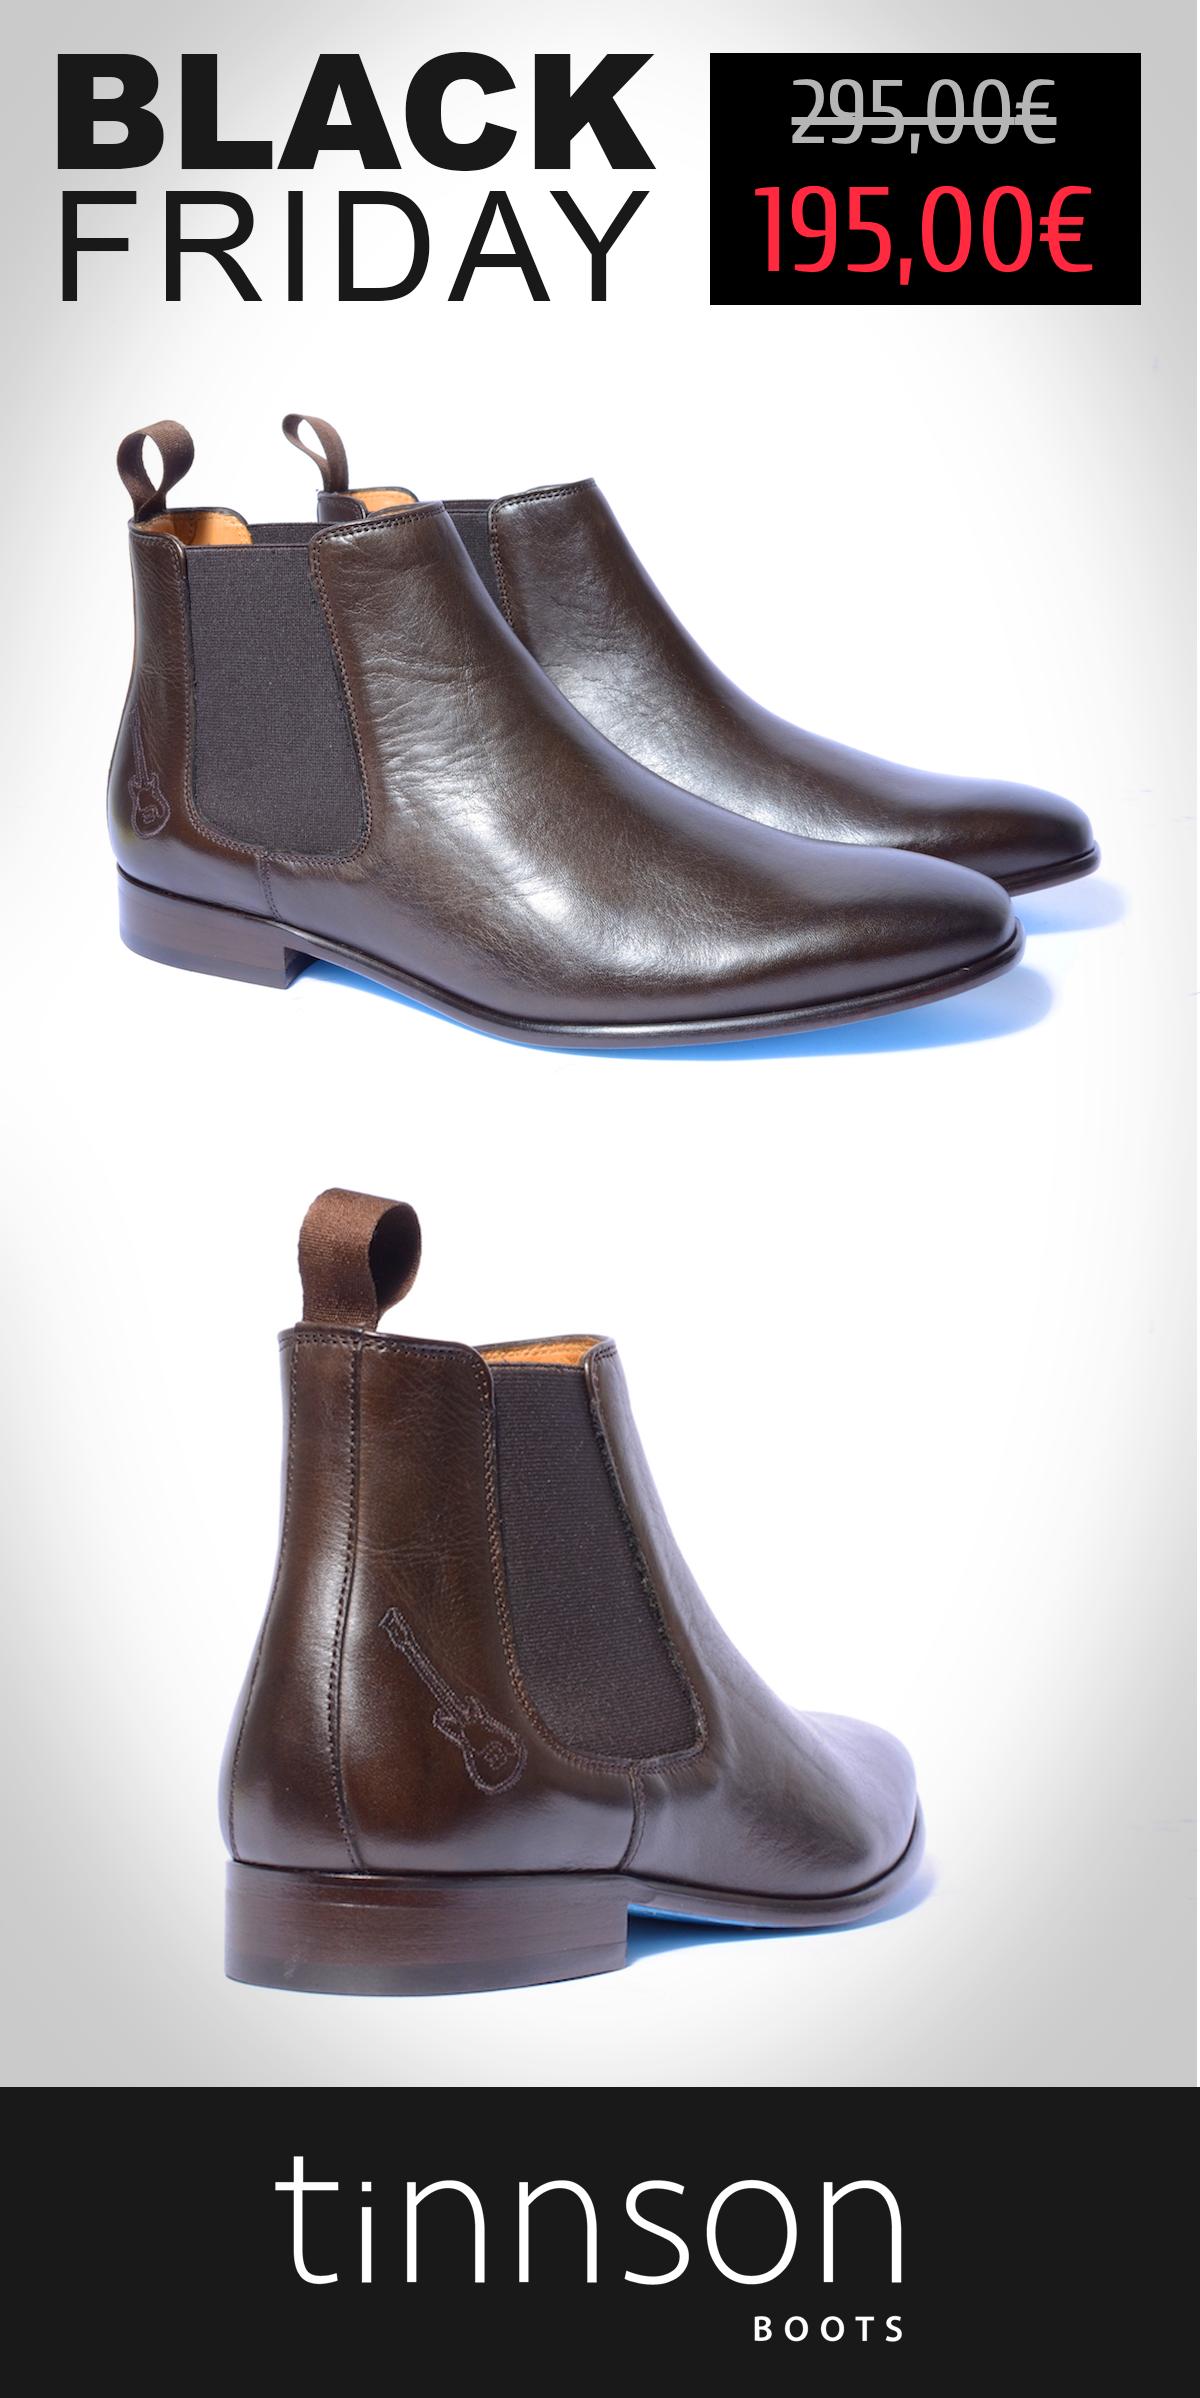 97d08d0dcd271 -100€  BLACKFRIDAY 🔥 Chaussures Chelsea Boots en cuir pour Homme ⚡ Marque